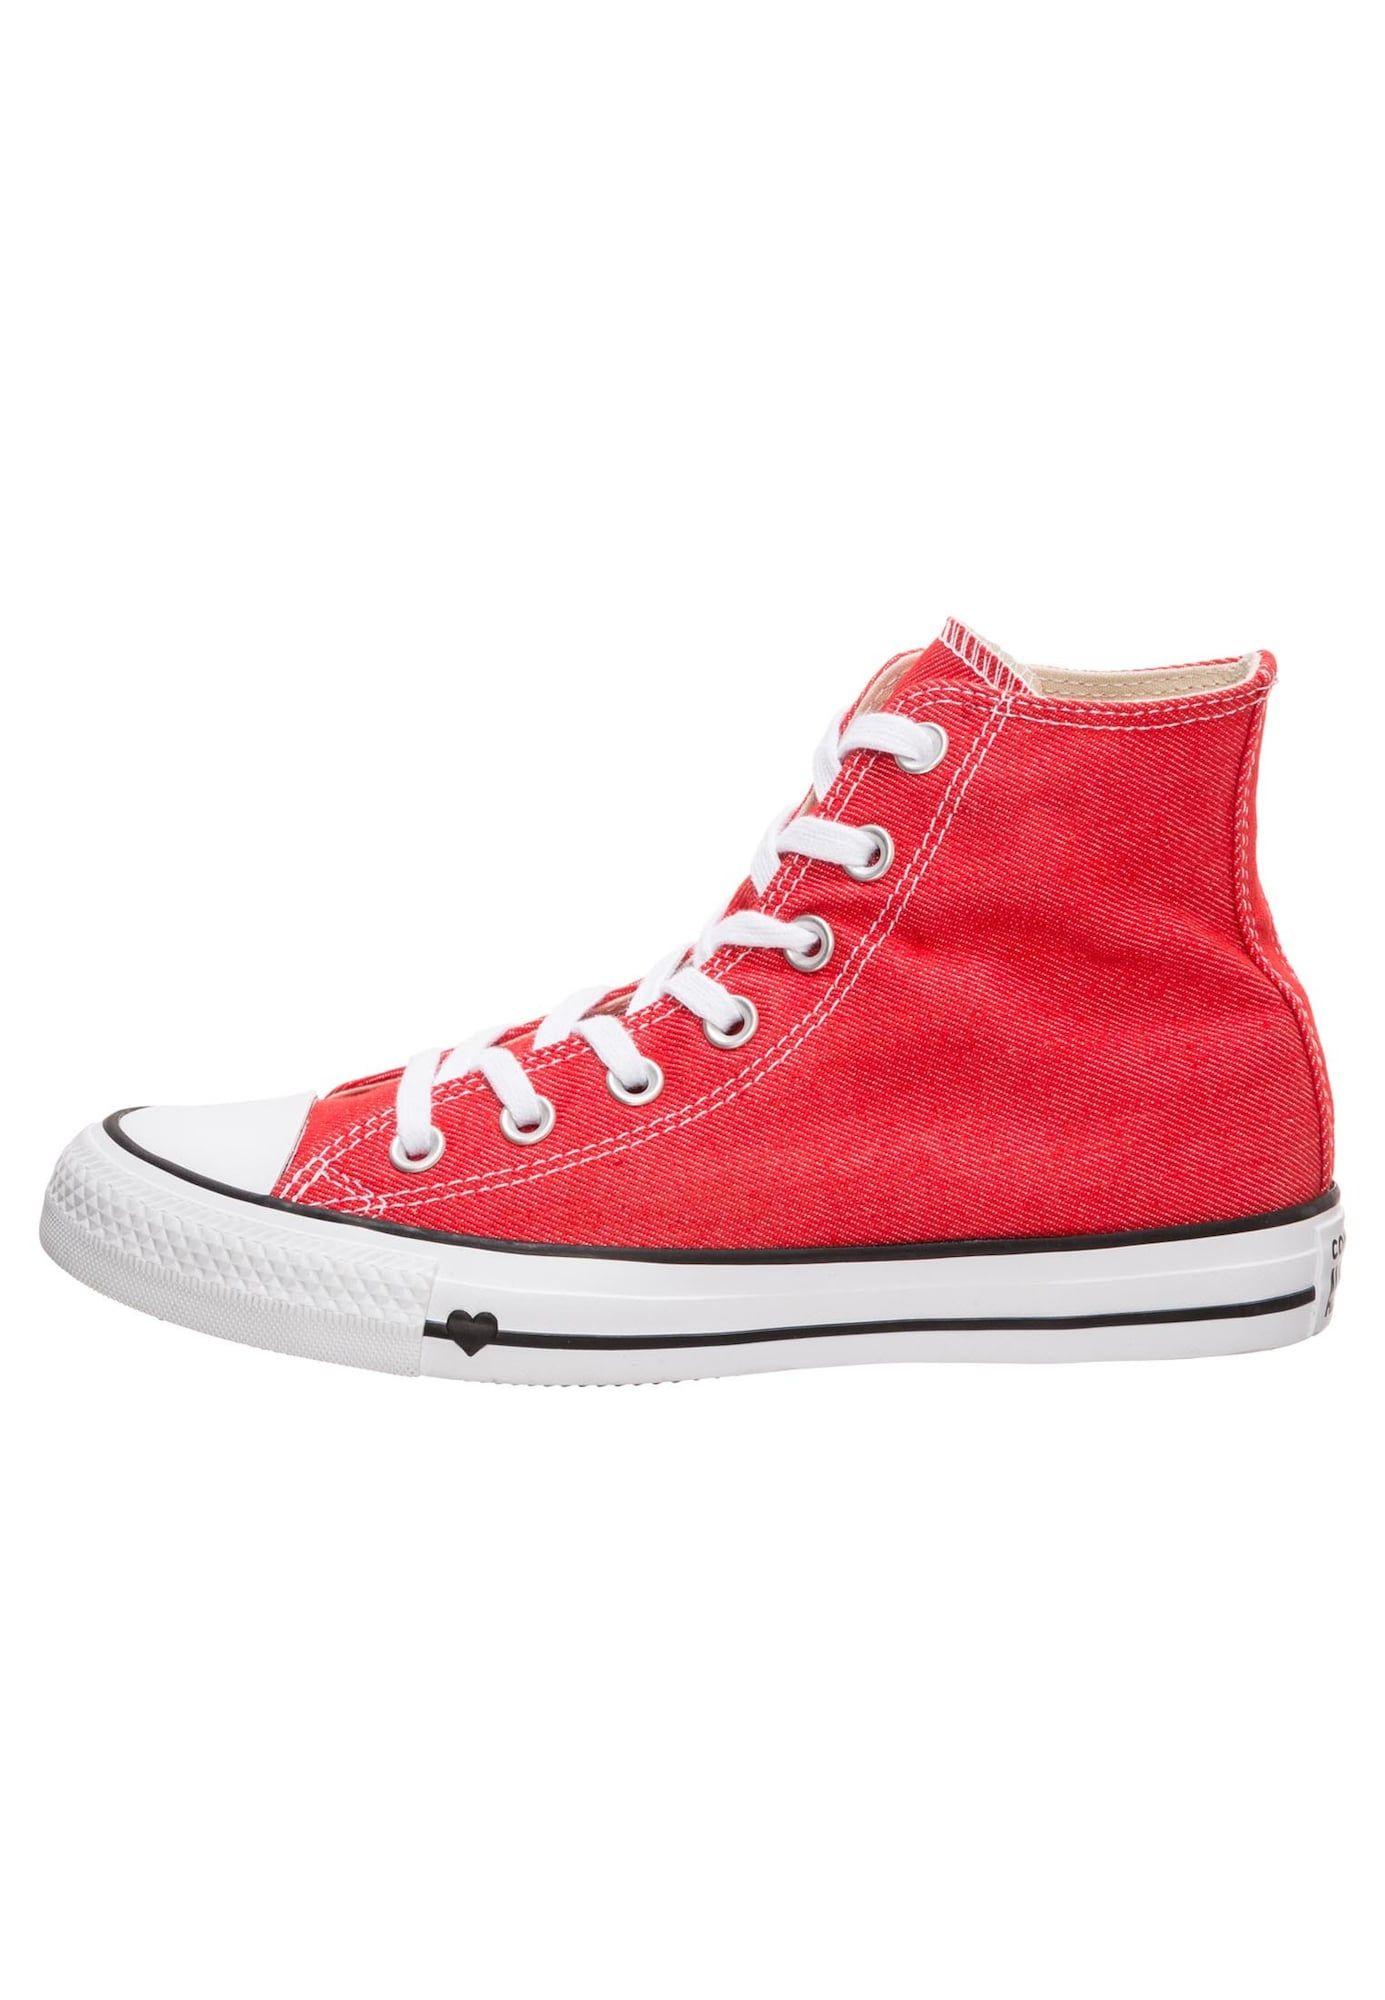 CONVERSE Sneaker 'Chuck Taylor All Star' Herren, Rot Weiß